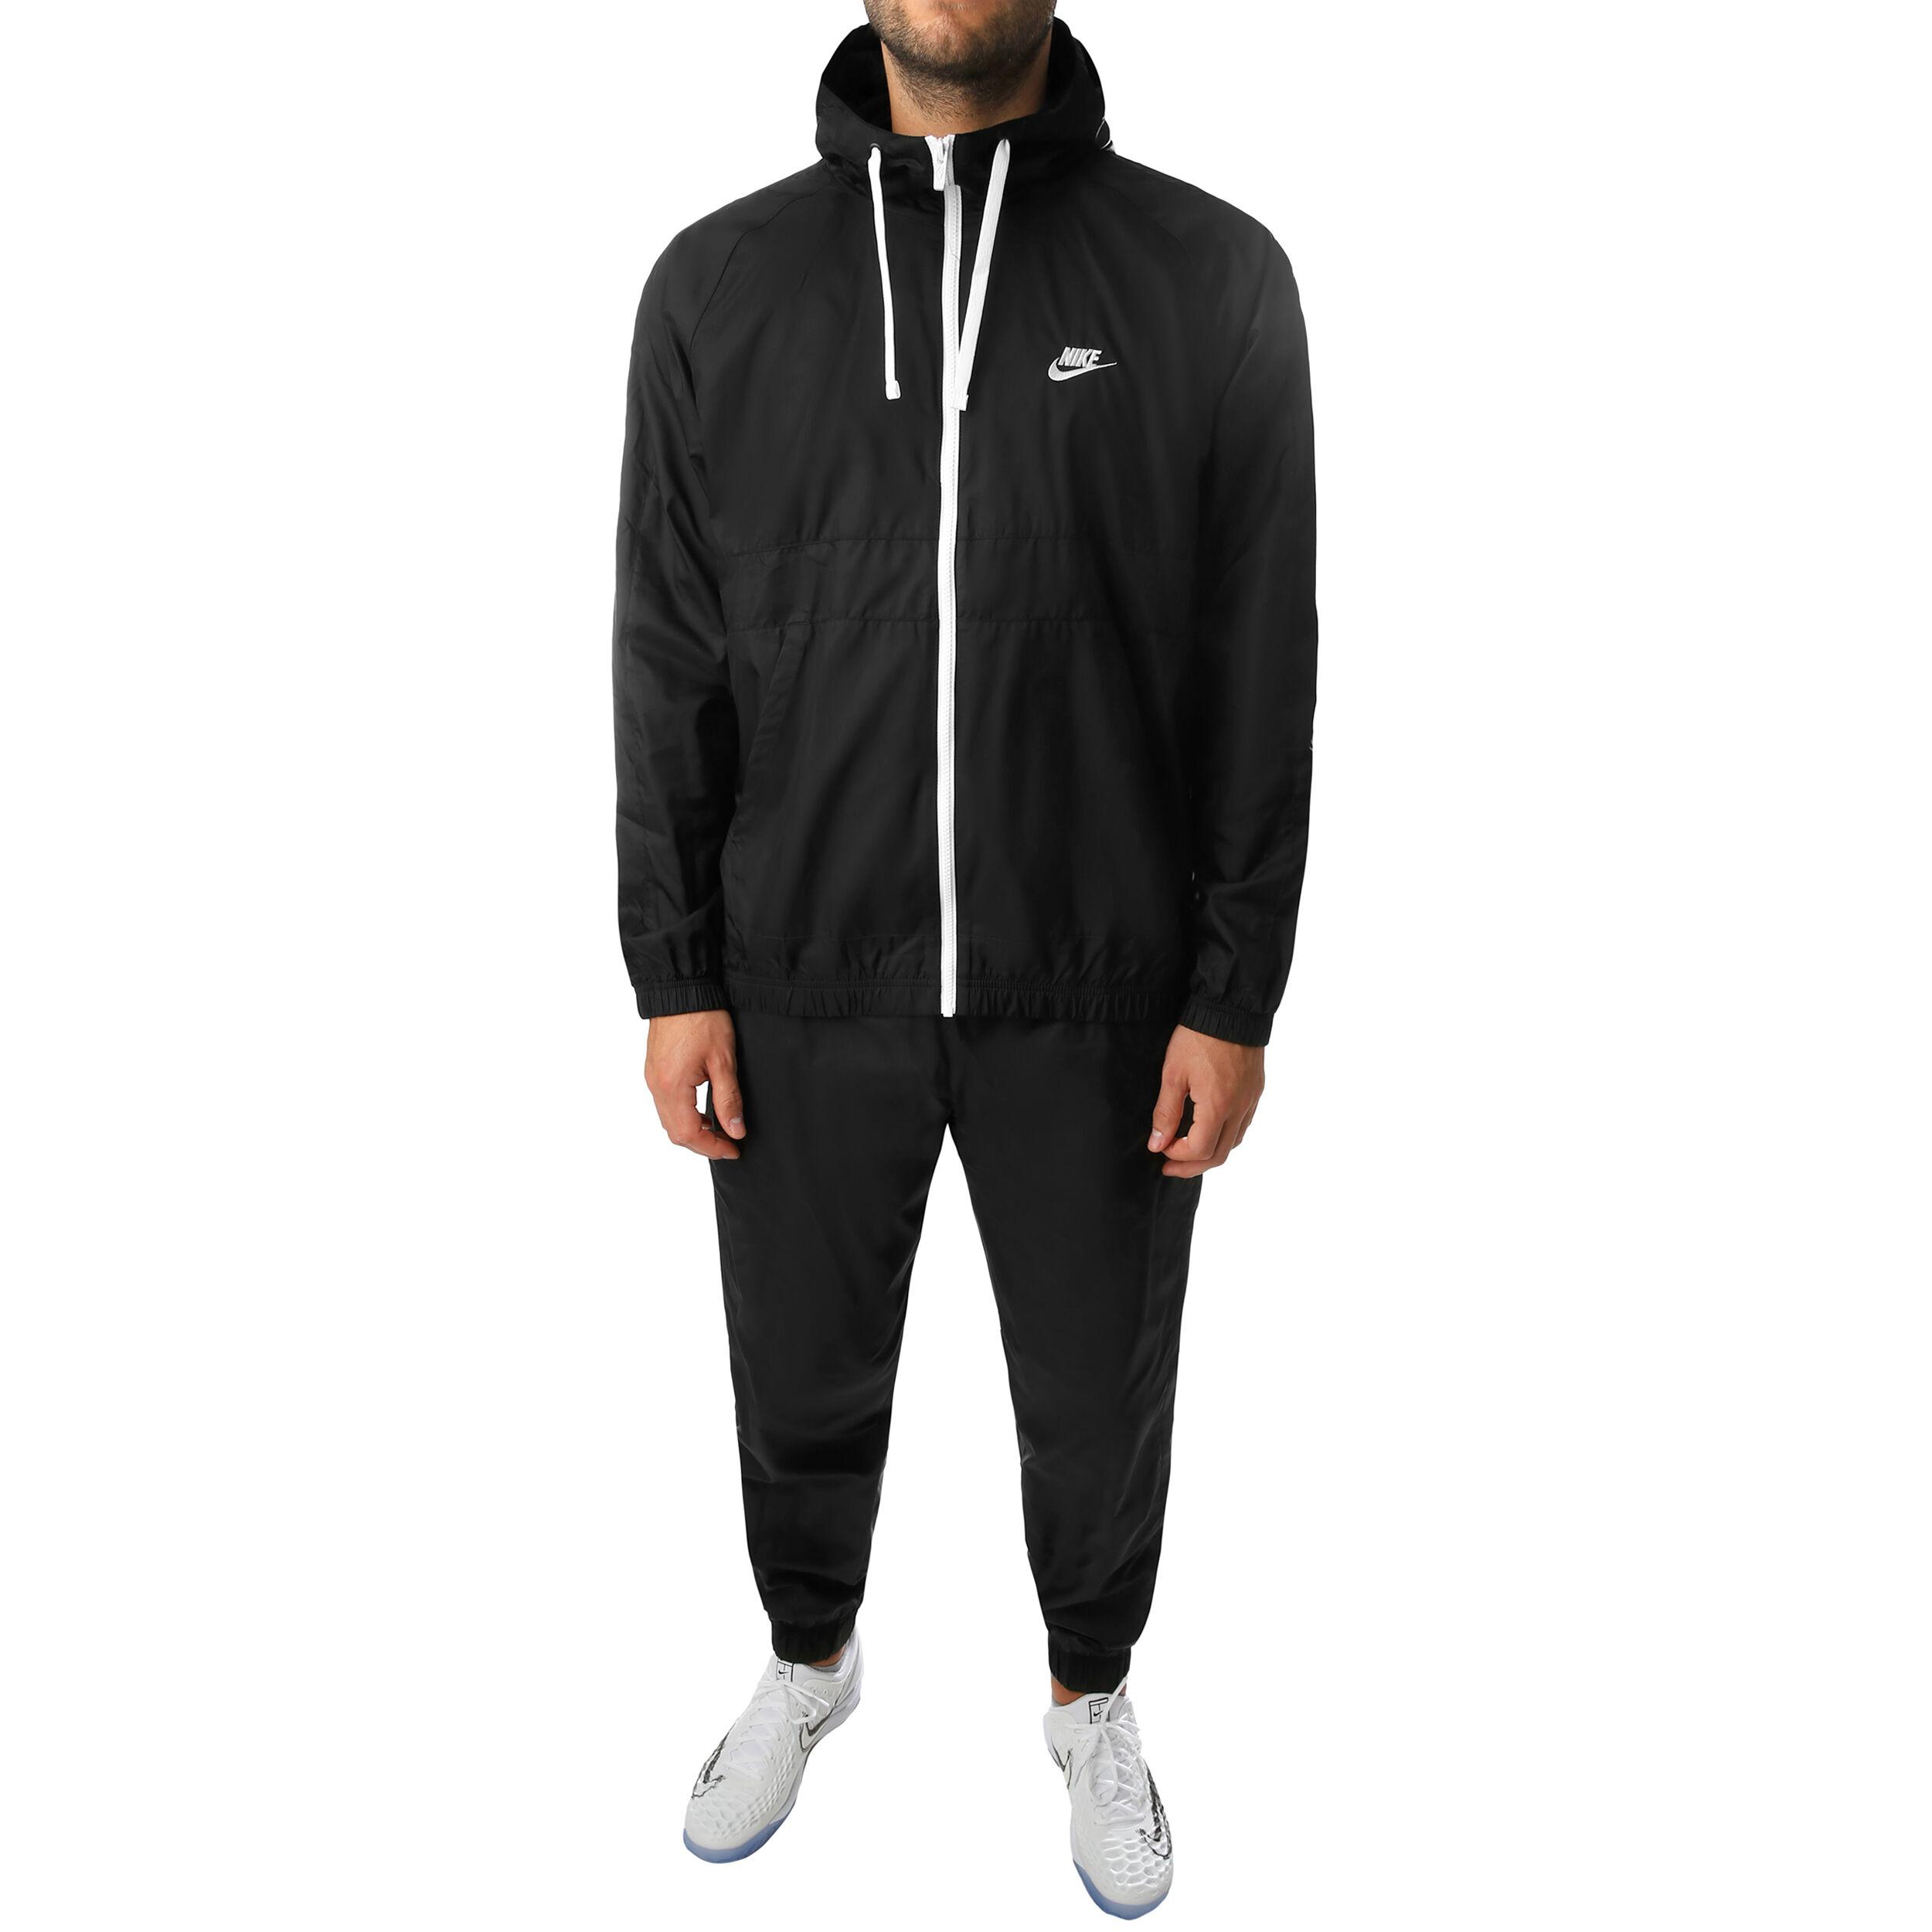 Nike Sportswear Woven Hooded Herren Schwarz, Weiß online